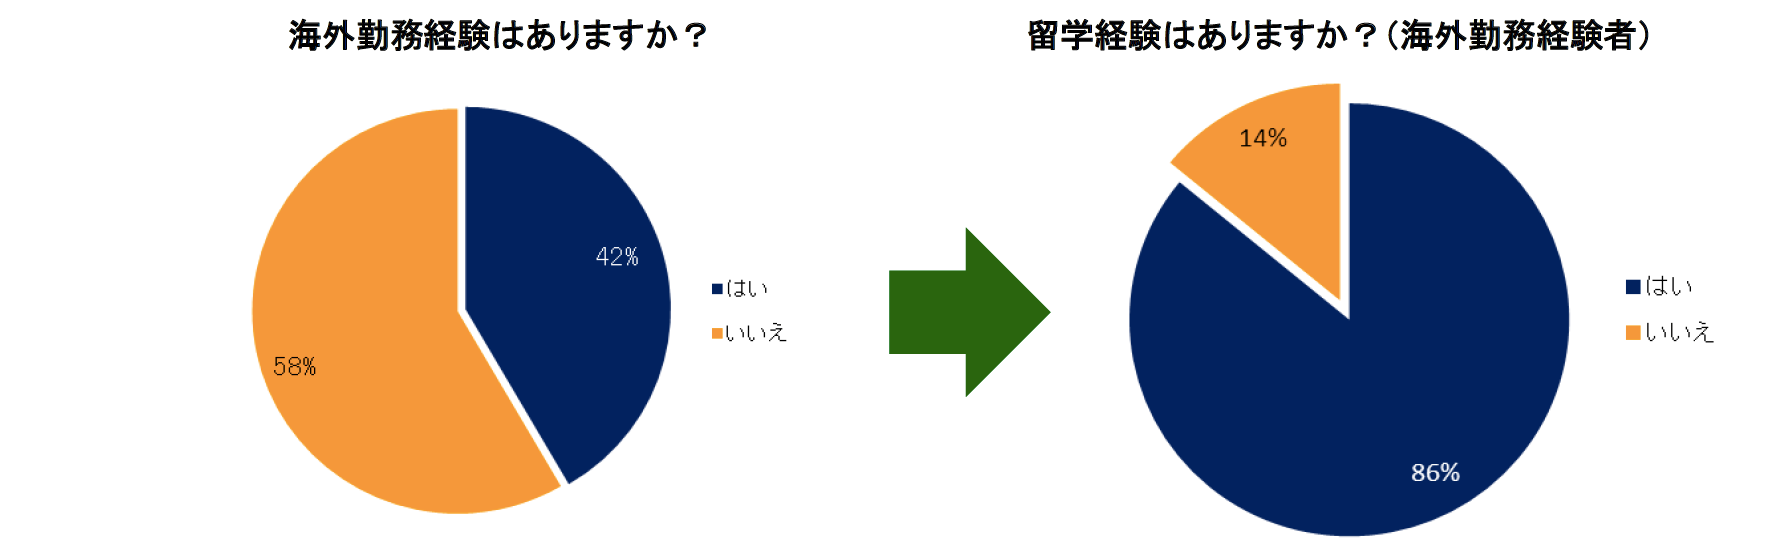 外国語に興味を持った時期約、半数が中学生以下